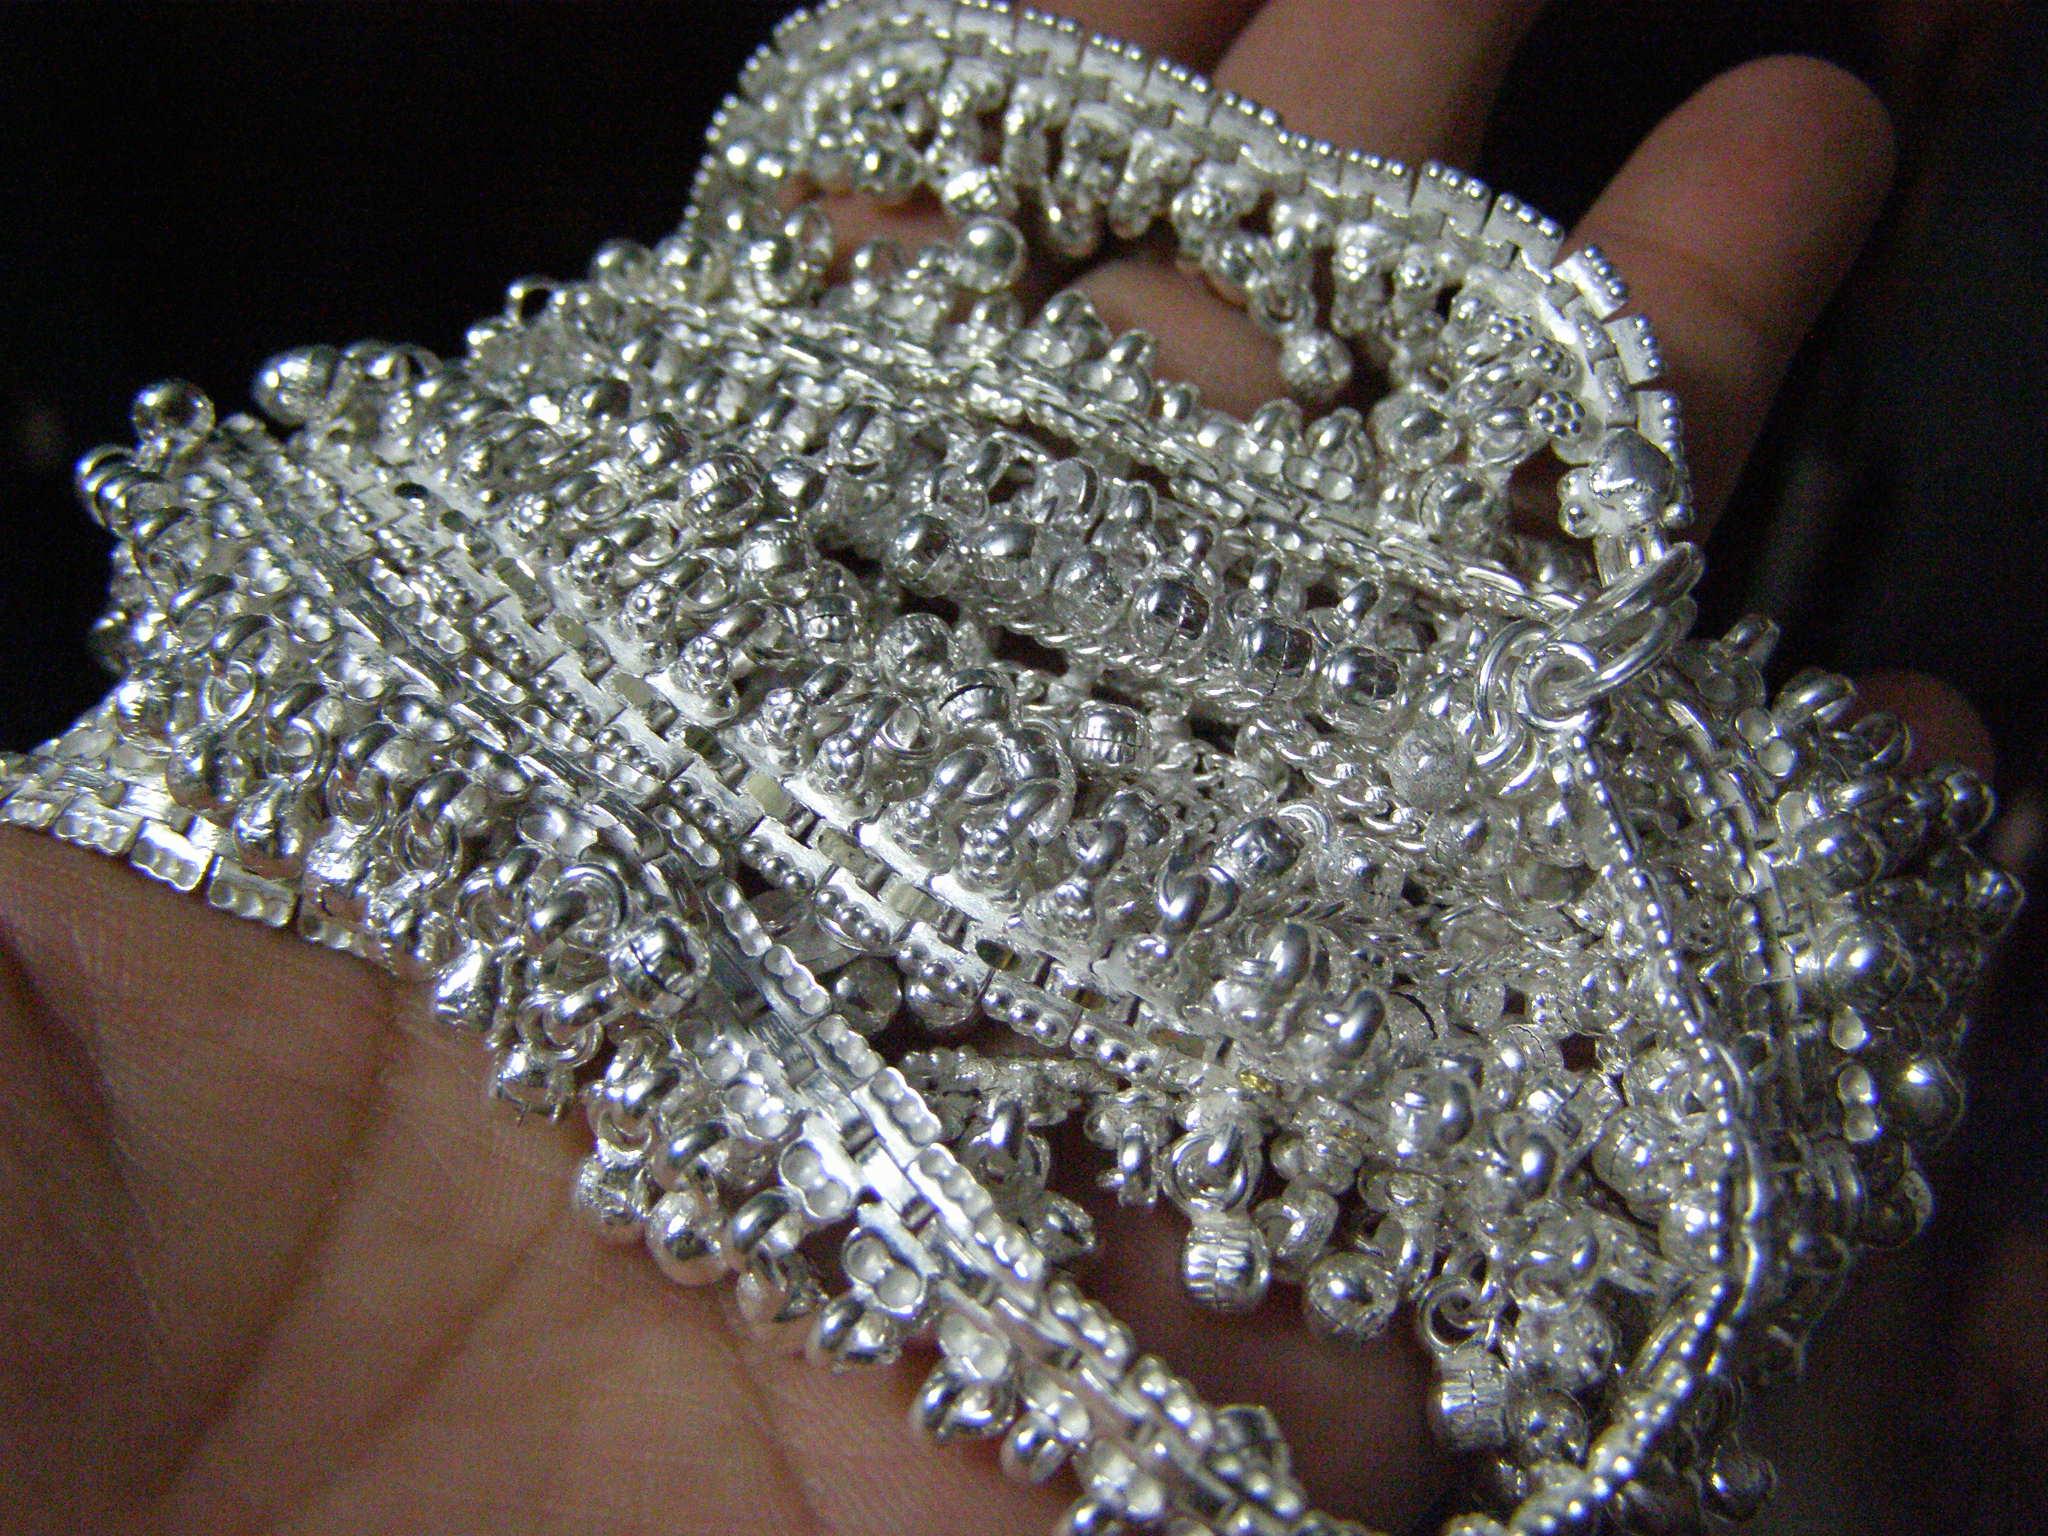 Comment reconnaitre un bijou en argent silver in paris - Comment reconnaitre des couverts en argent ...